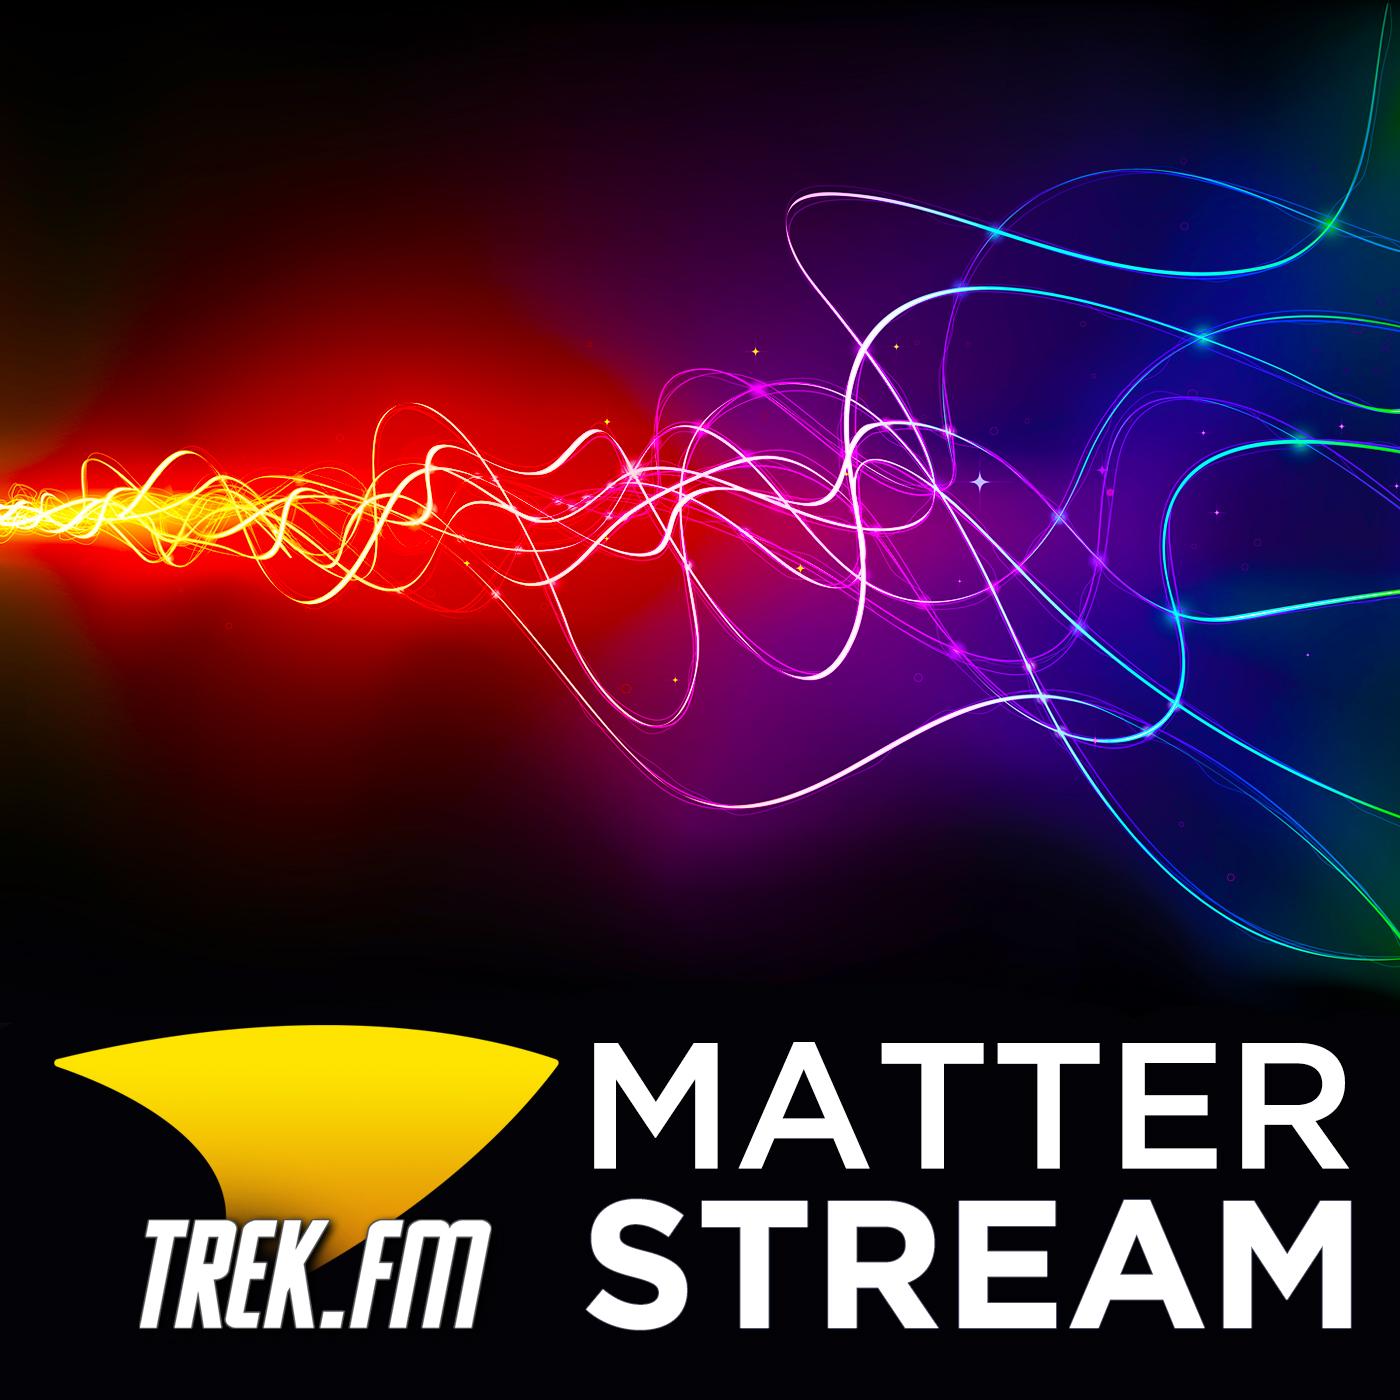 Star Trek Podcast | Matter Stream - Science and Social Issues | Trek.fm